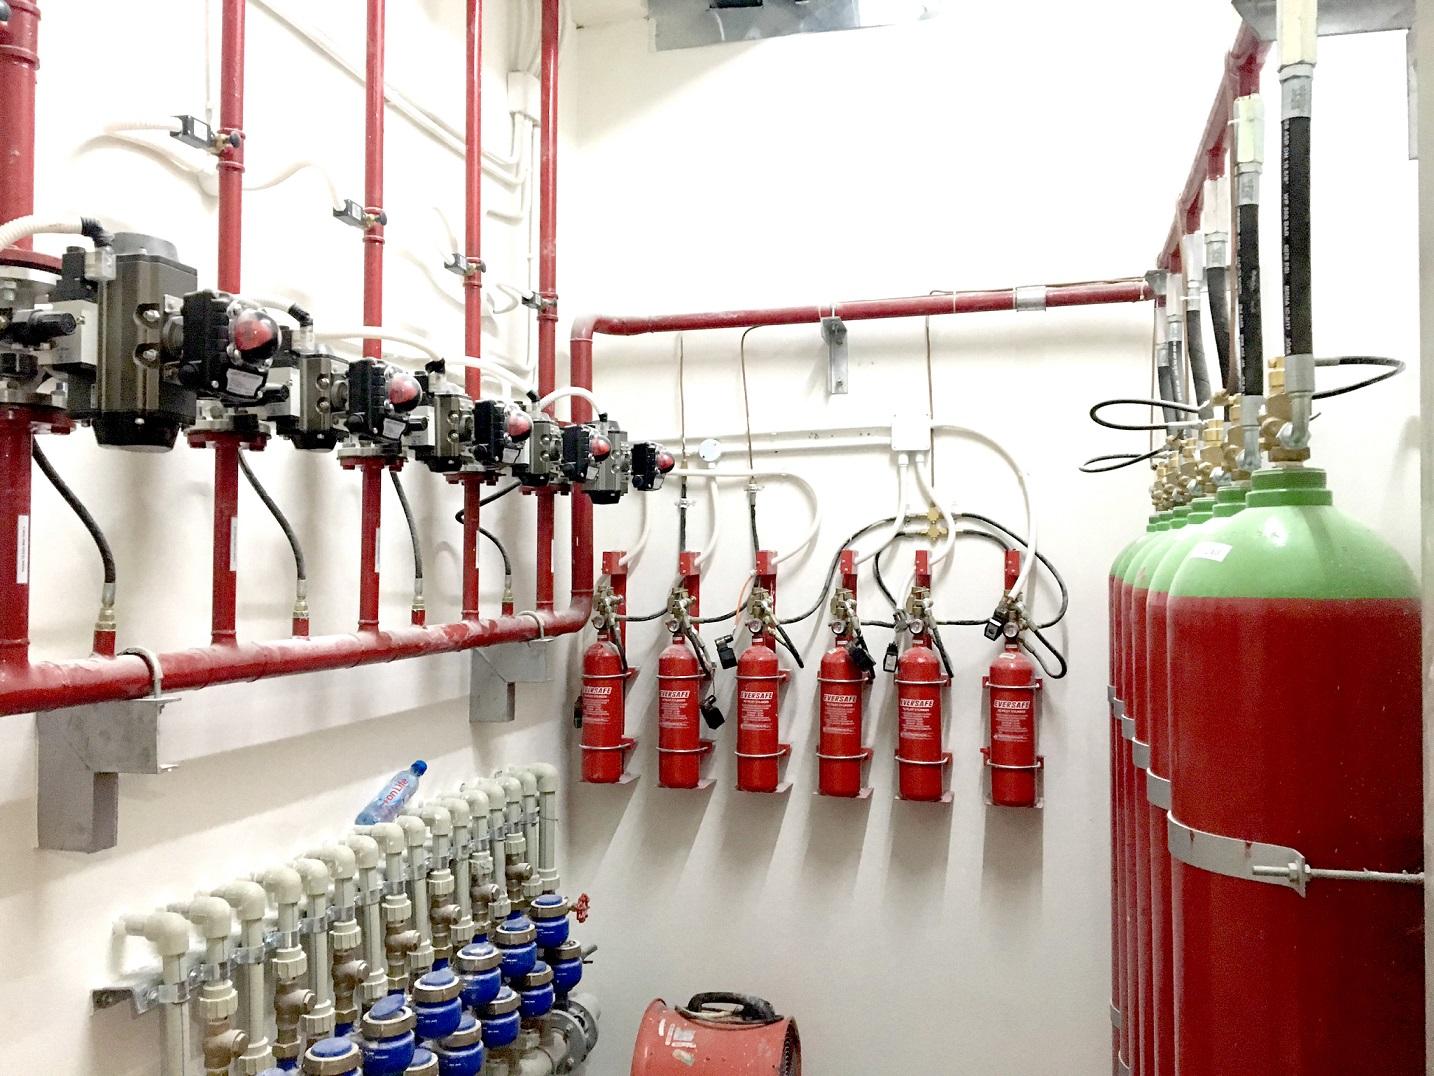 Bảo trì hệ thống phòng cháy chữa cháy nhà xưởng uy tín